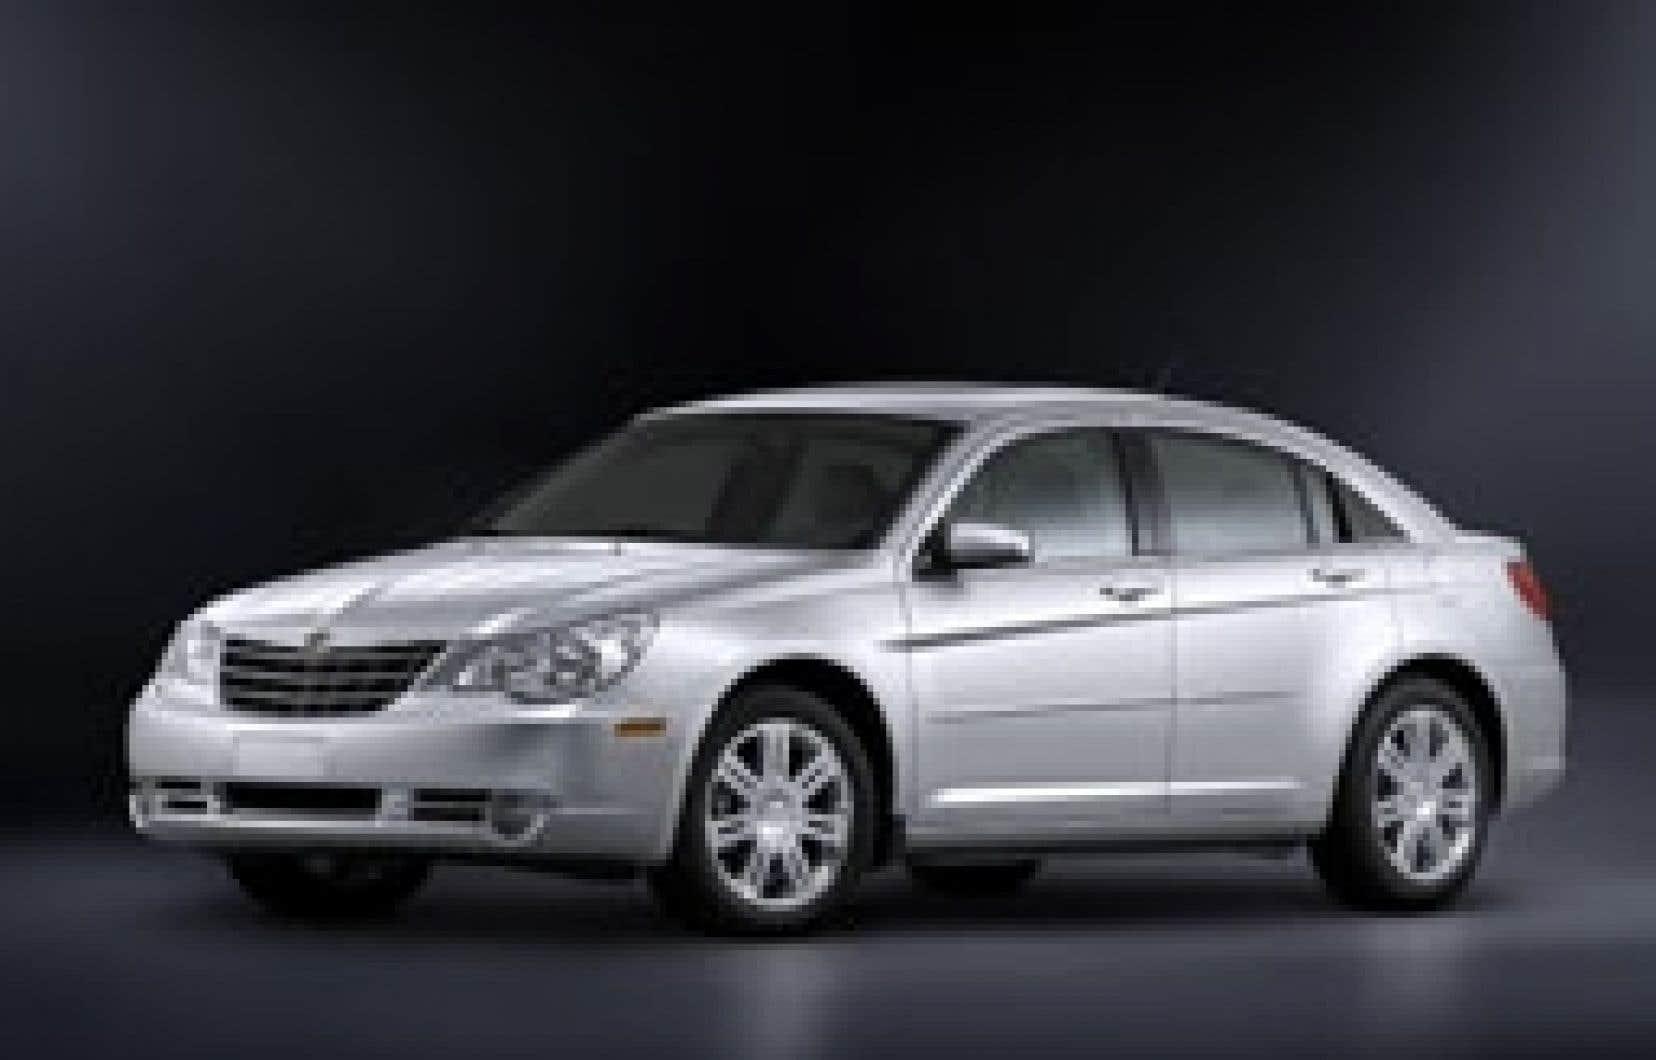 La carrosserie de la Chrysler Sebring, vue sous certains angles, peut provoquer des malaises gastriques: un capot strié, un coffre arrière trop court et des proportions malhabiles, pour ne pas dire franchement bancales.